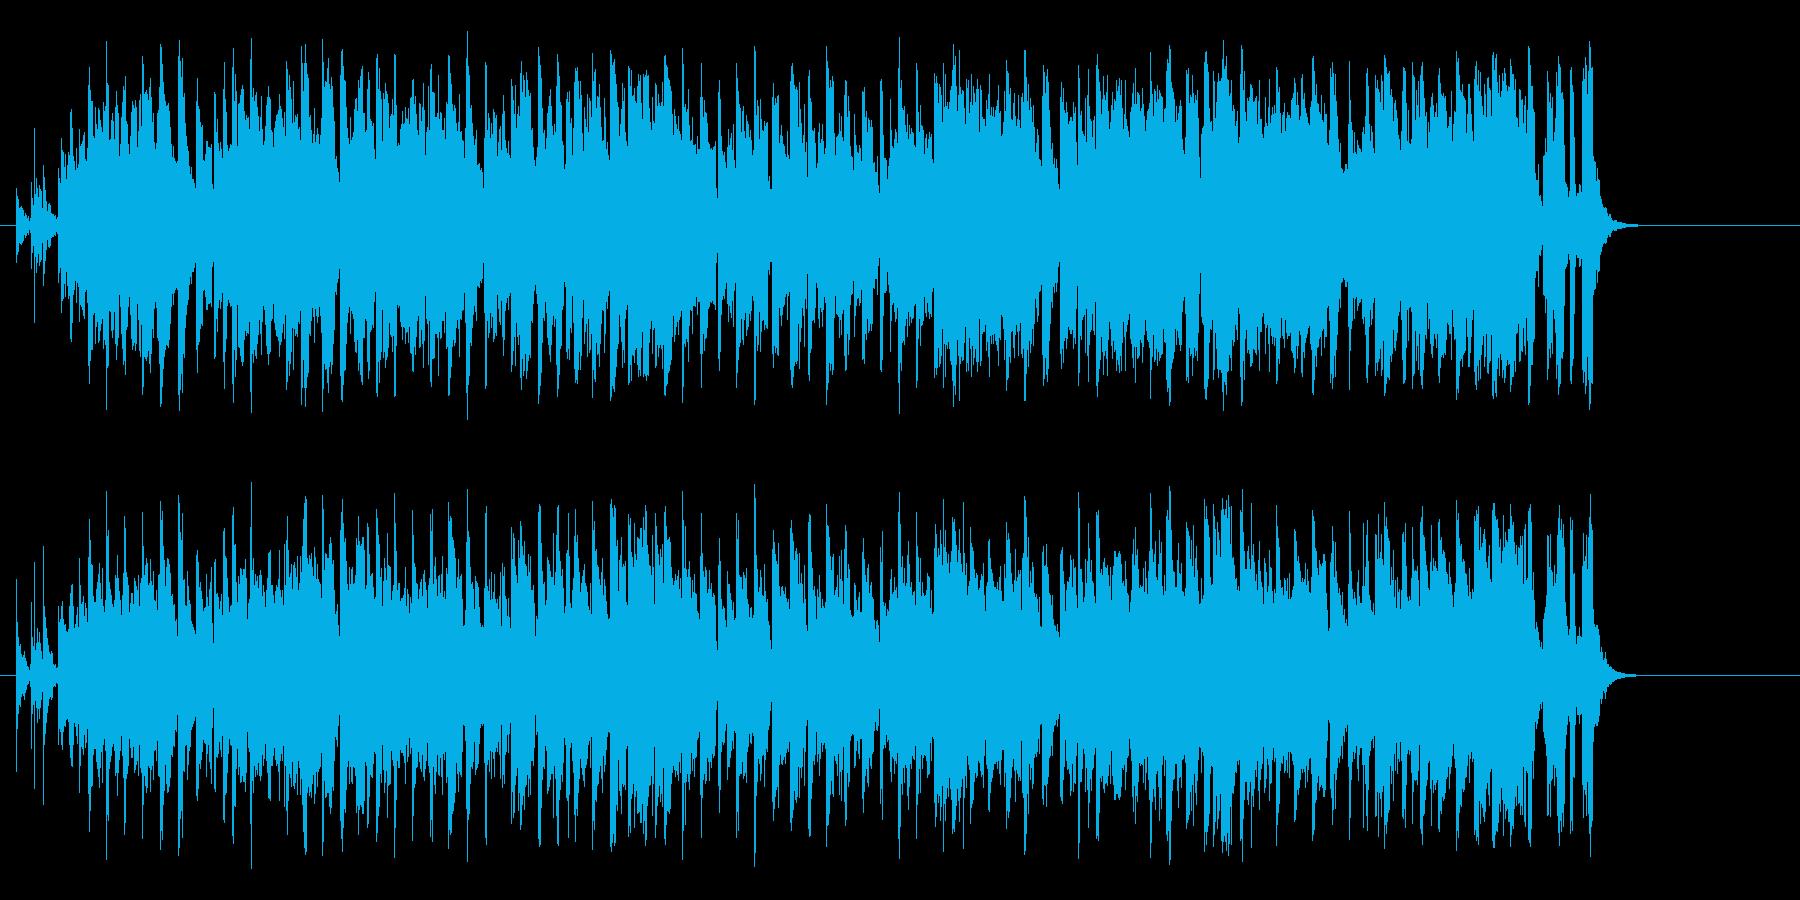 仲間同士の前向きで陽気なポップスの再生済みの波形